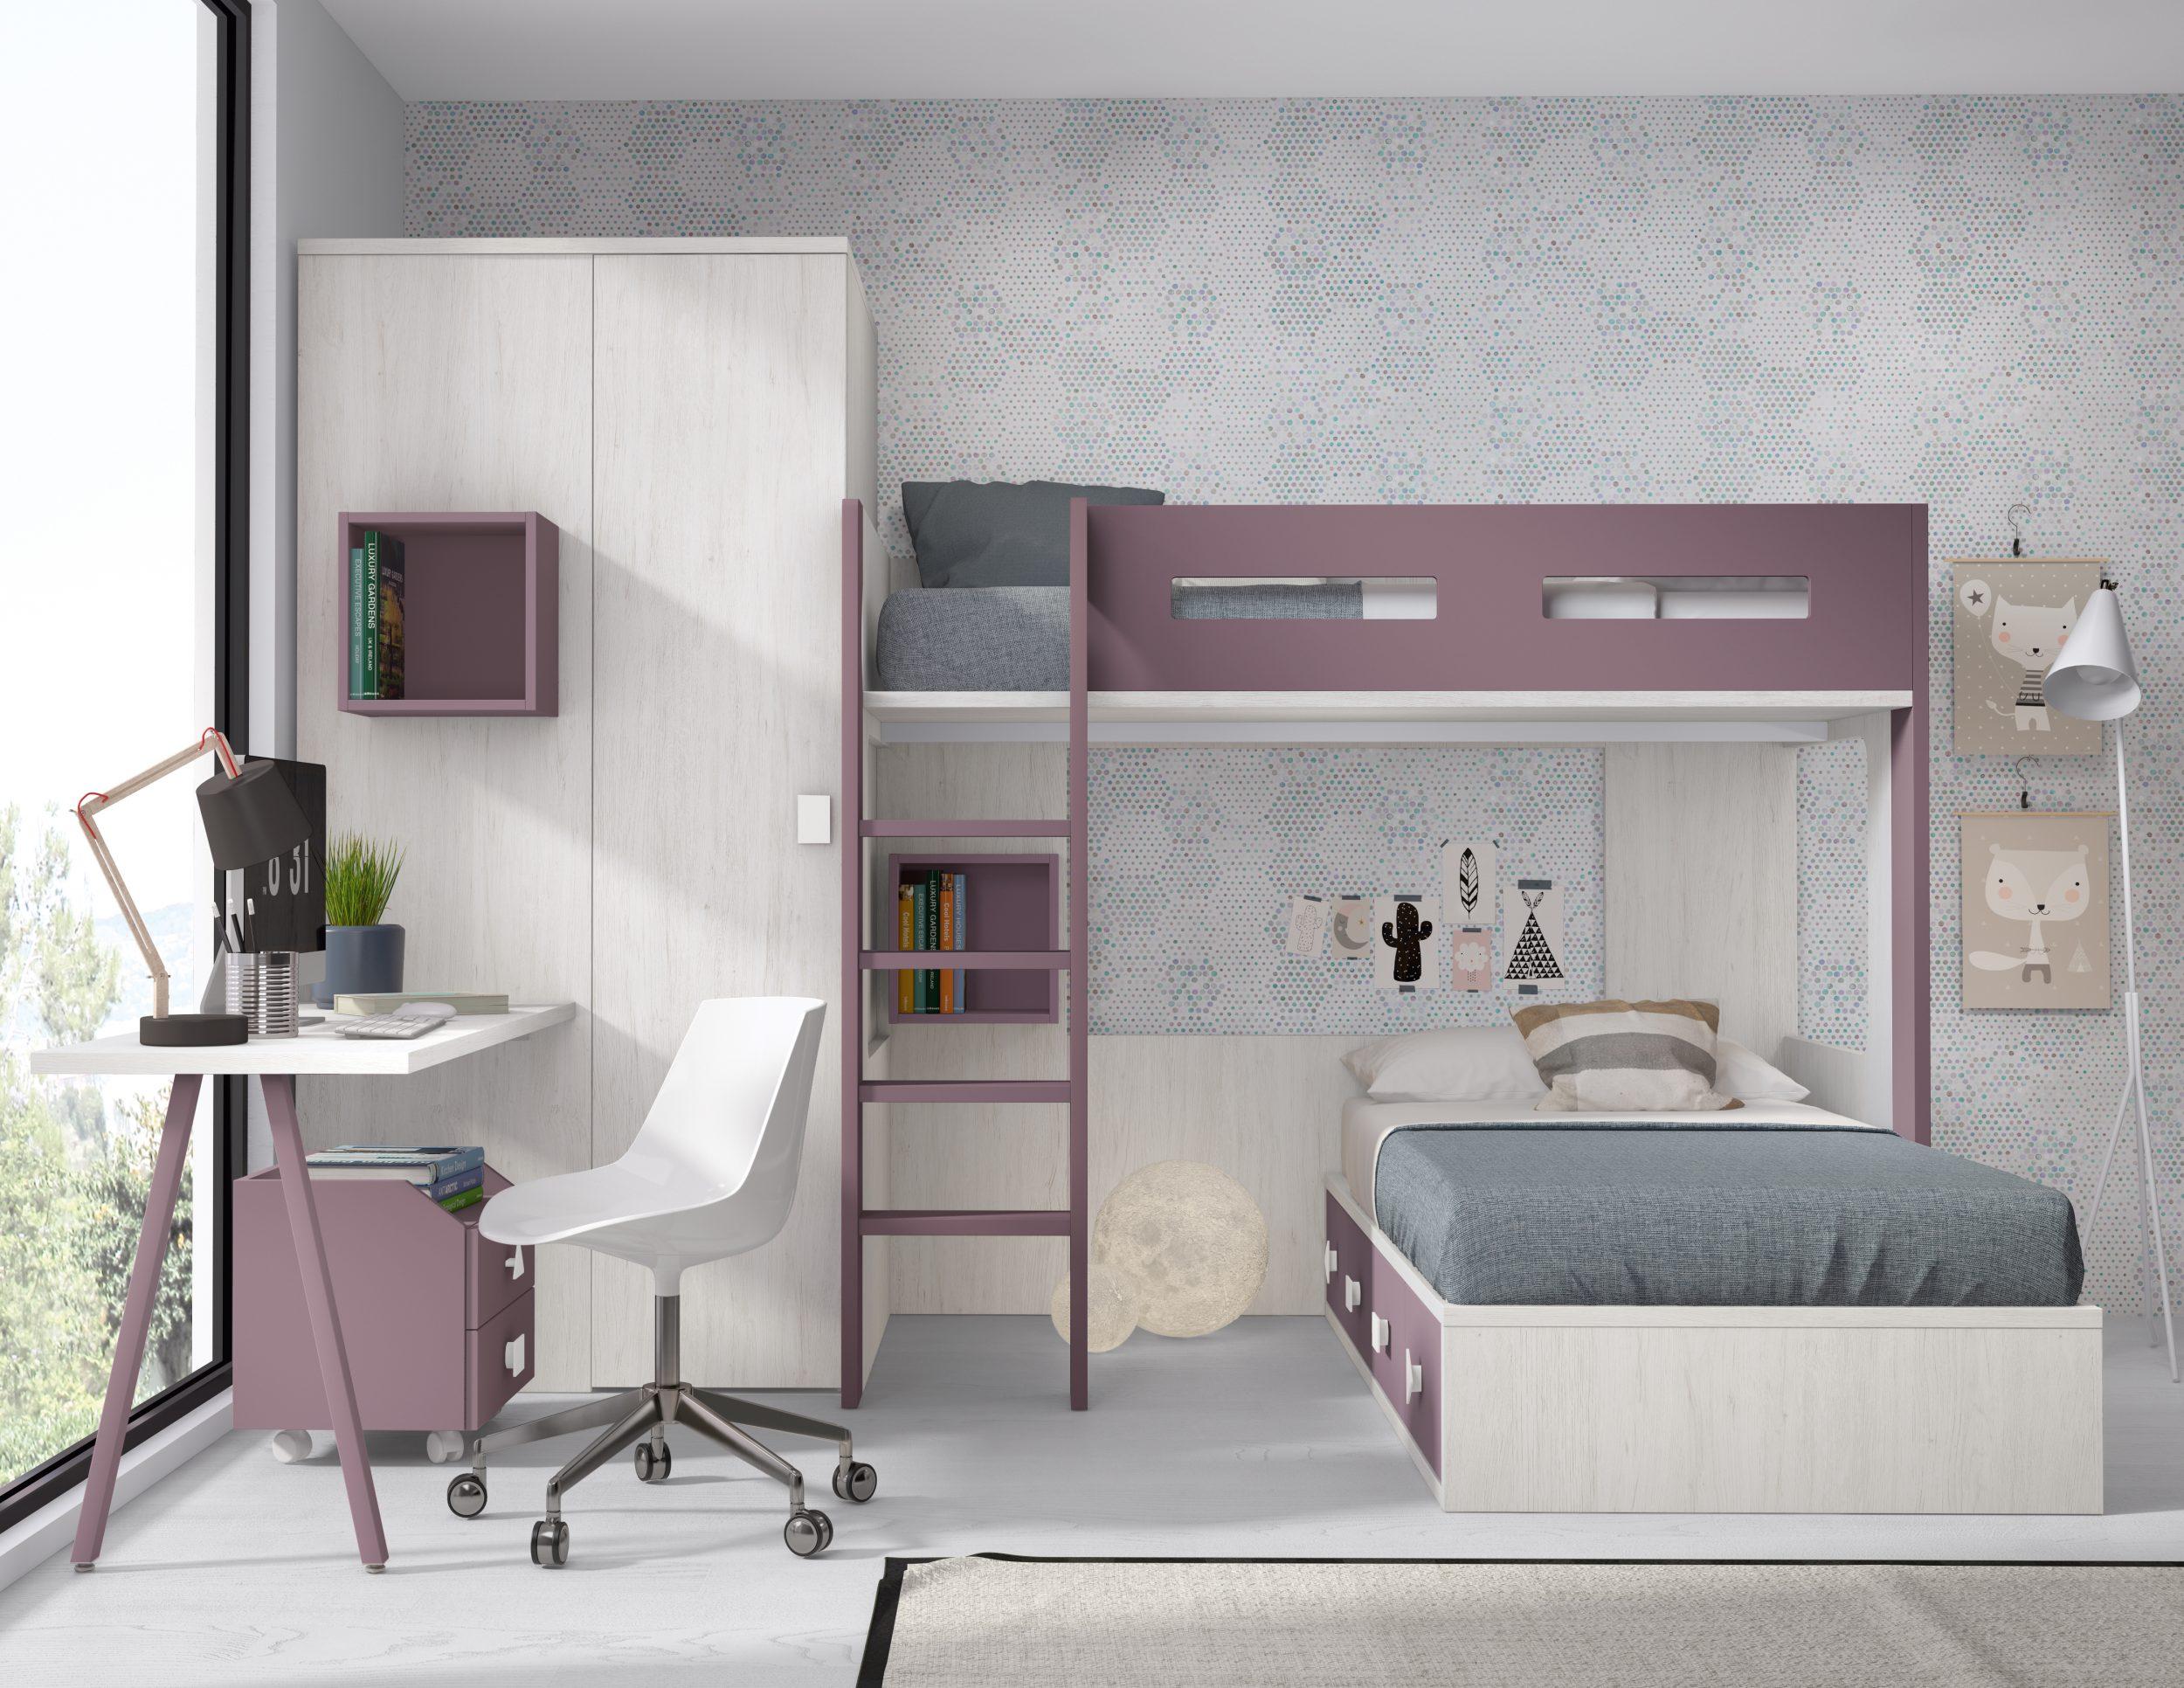 Muebles para el dormitorio con litera pero colocada de forma diferente, con armario dos puertas y estudio a medida con pata metálica invertida. Varias modulaciones y acabados.